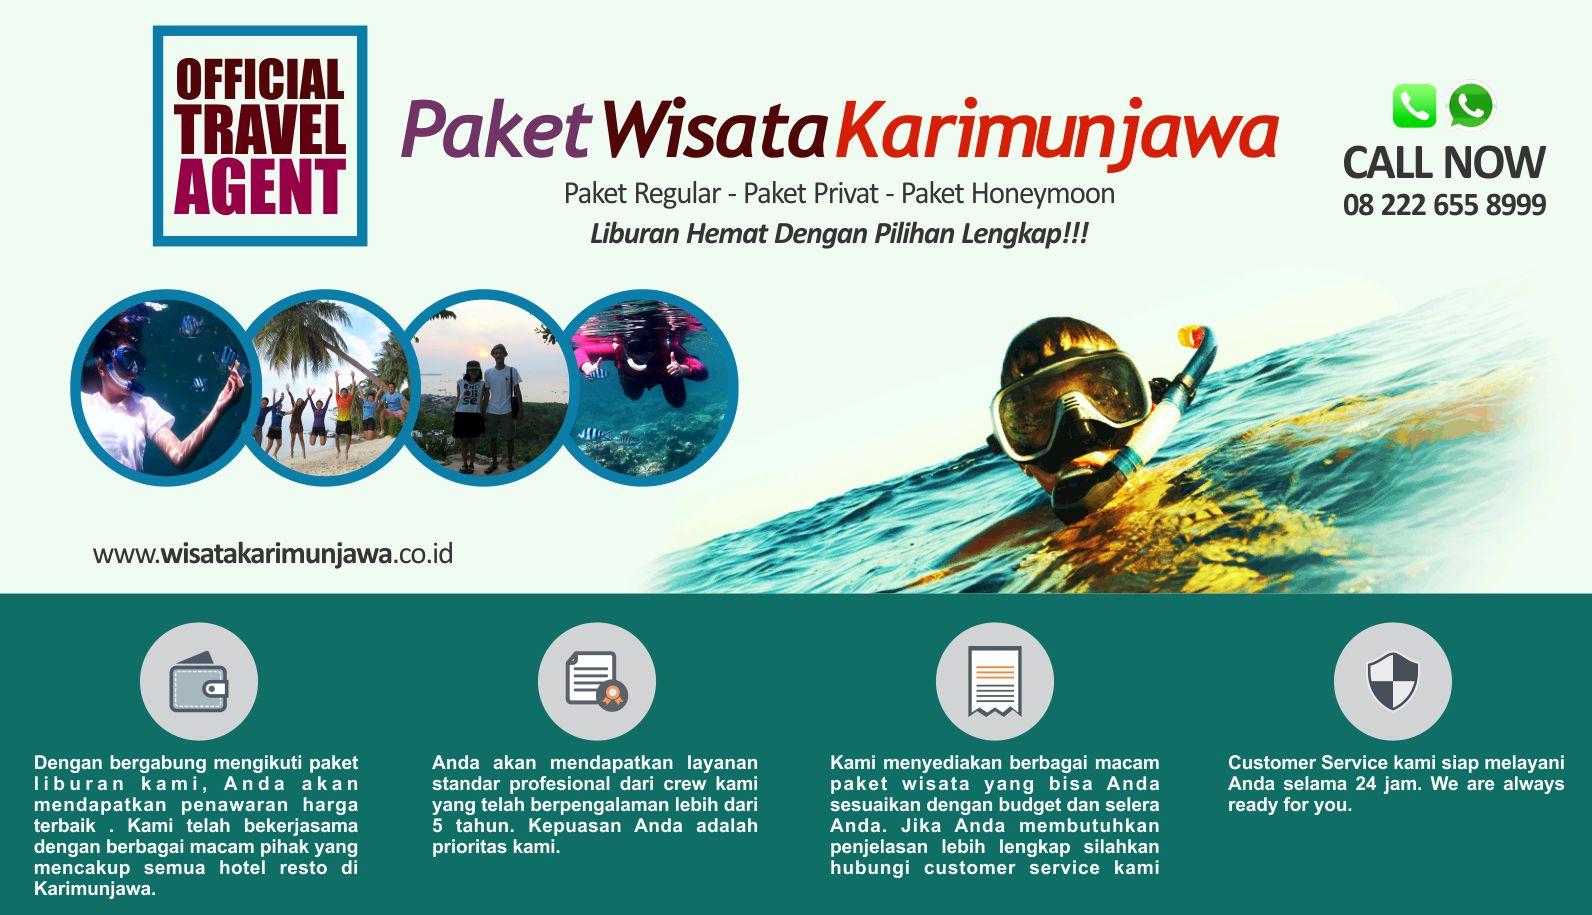 Wisata Karimunjawa Tour - Paket Karimun Jawa Murah